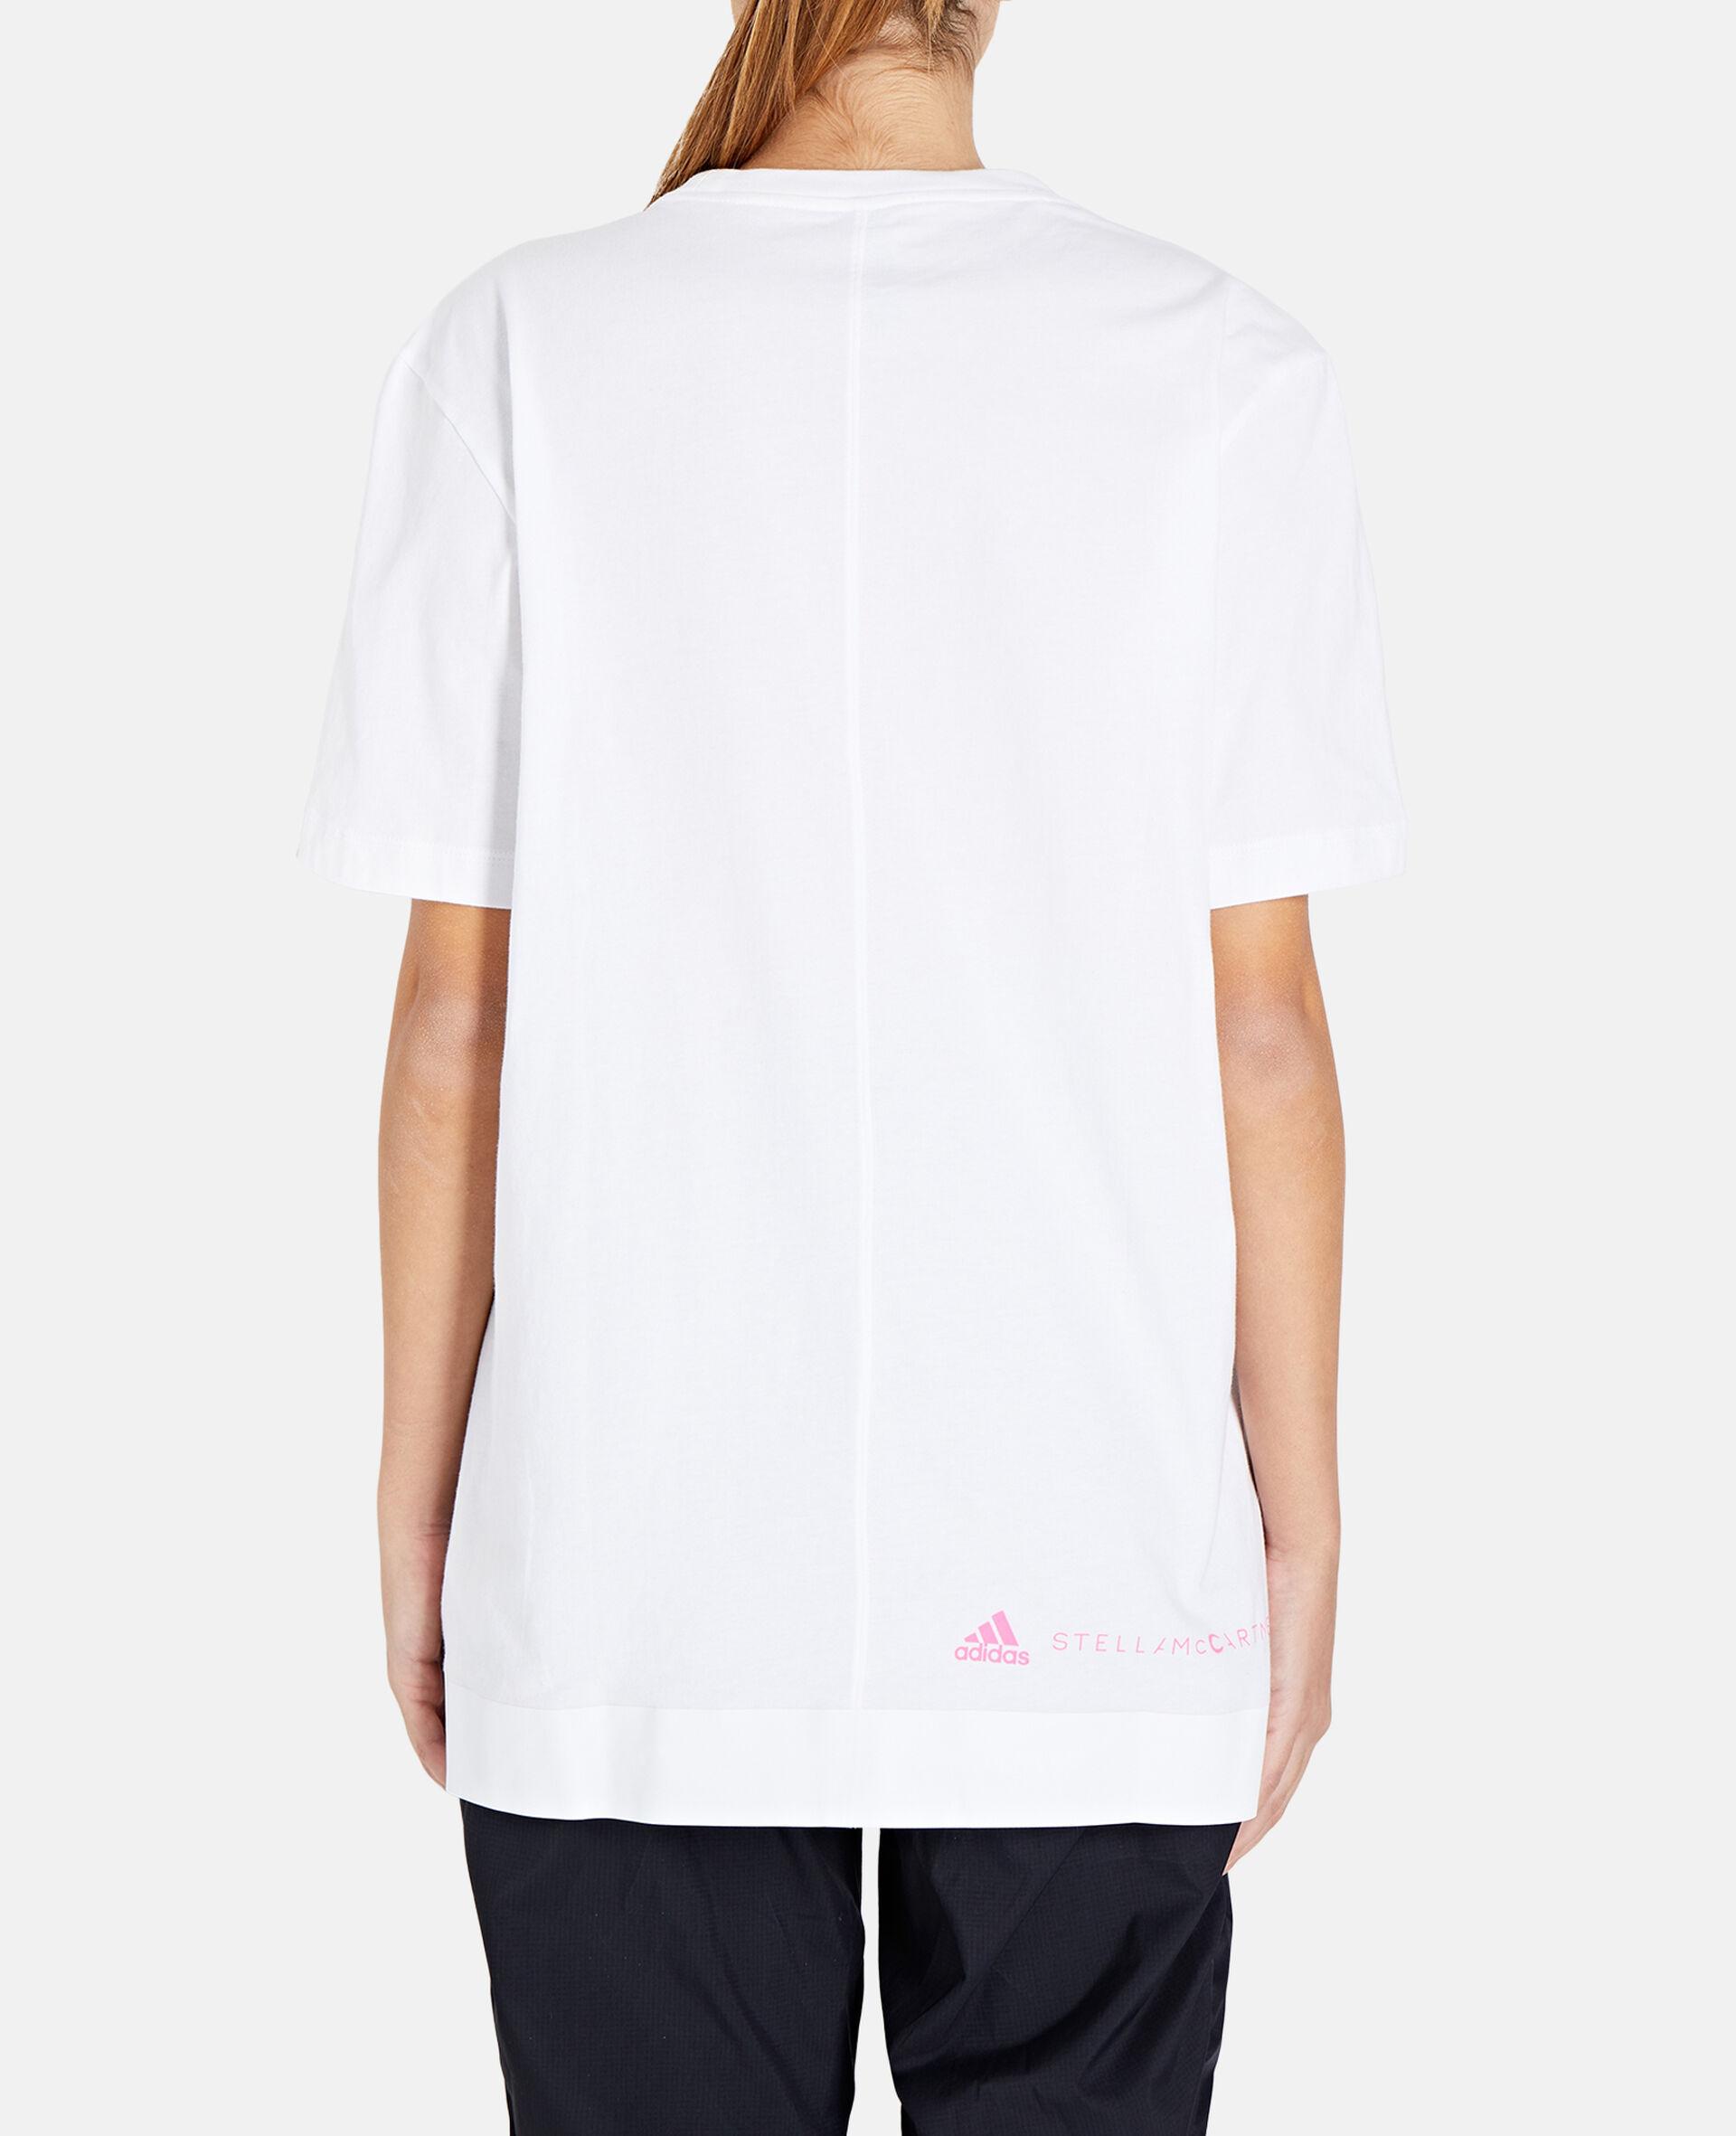 White Training T-Shirt-White-large image number 2